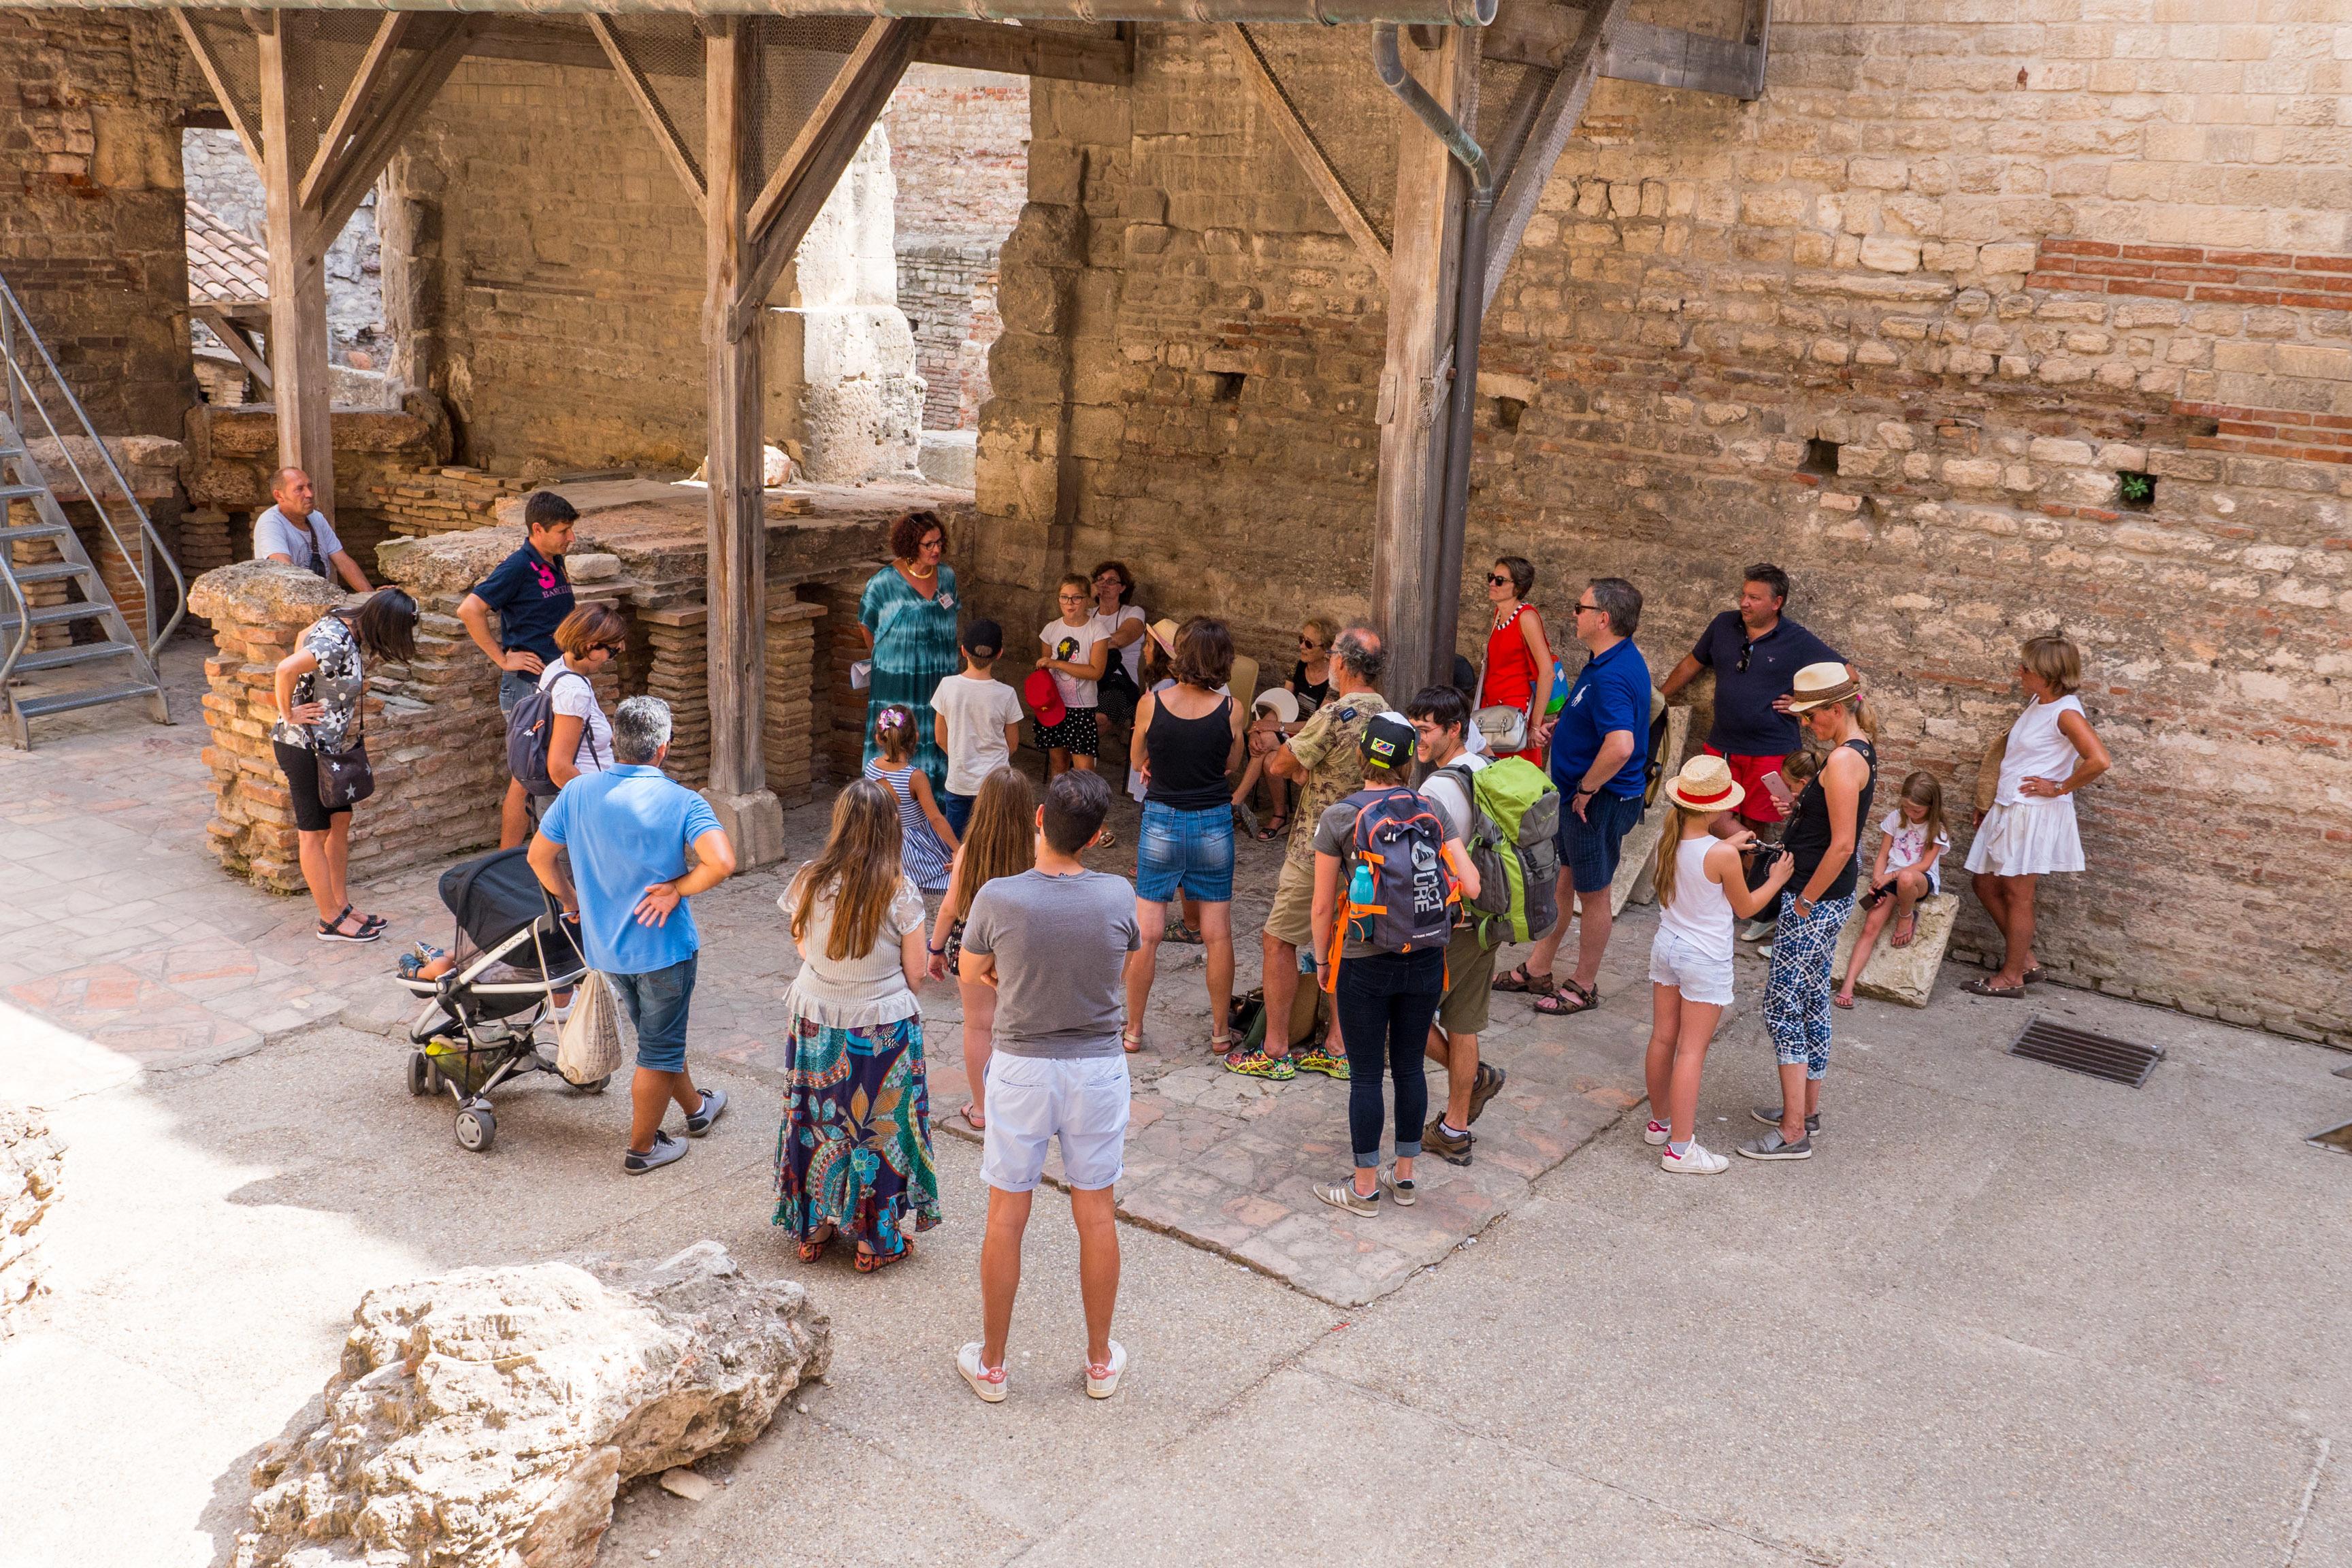 Visites guidées flash - 30 min de visite guidée pour connaître les monuments d'Arles